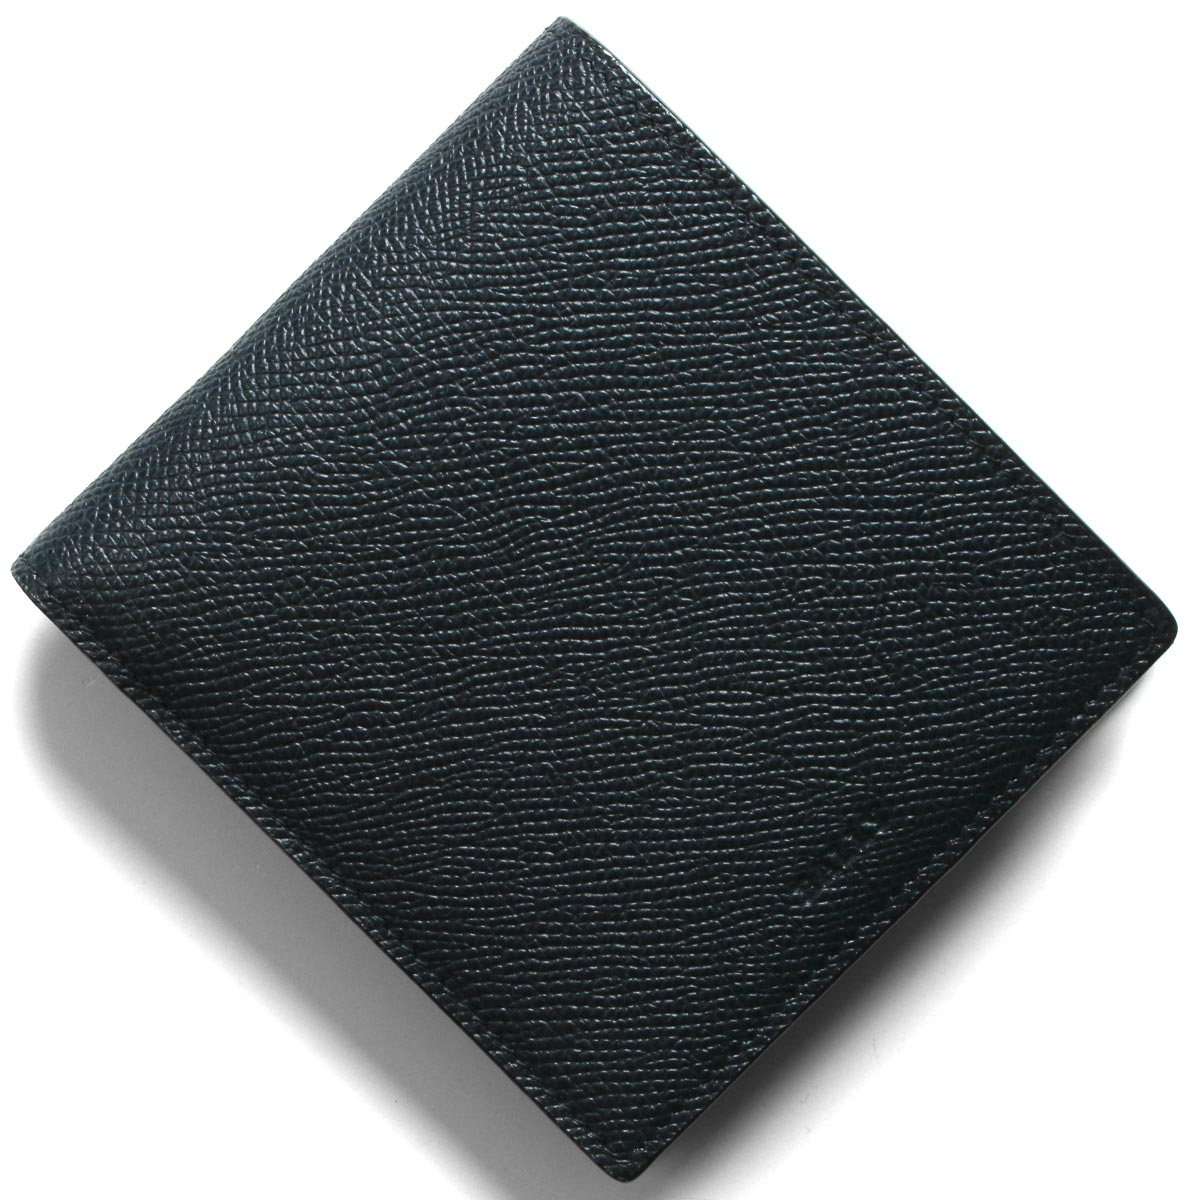 バリー 二つ折り財布 財布 メンズ ビビィ ニューブルー BYIE B 427 6228902 BALLY